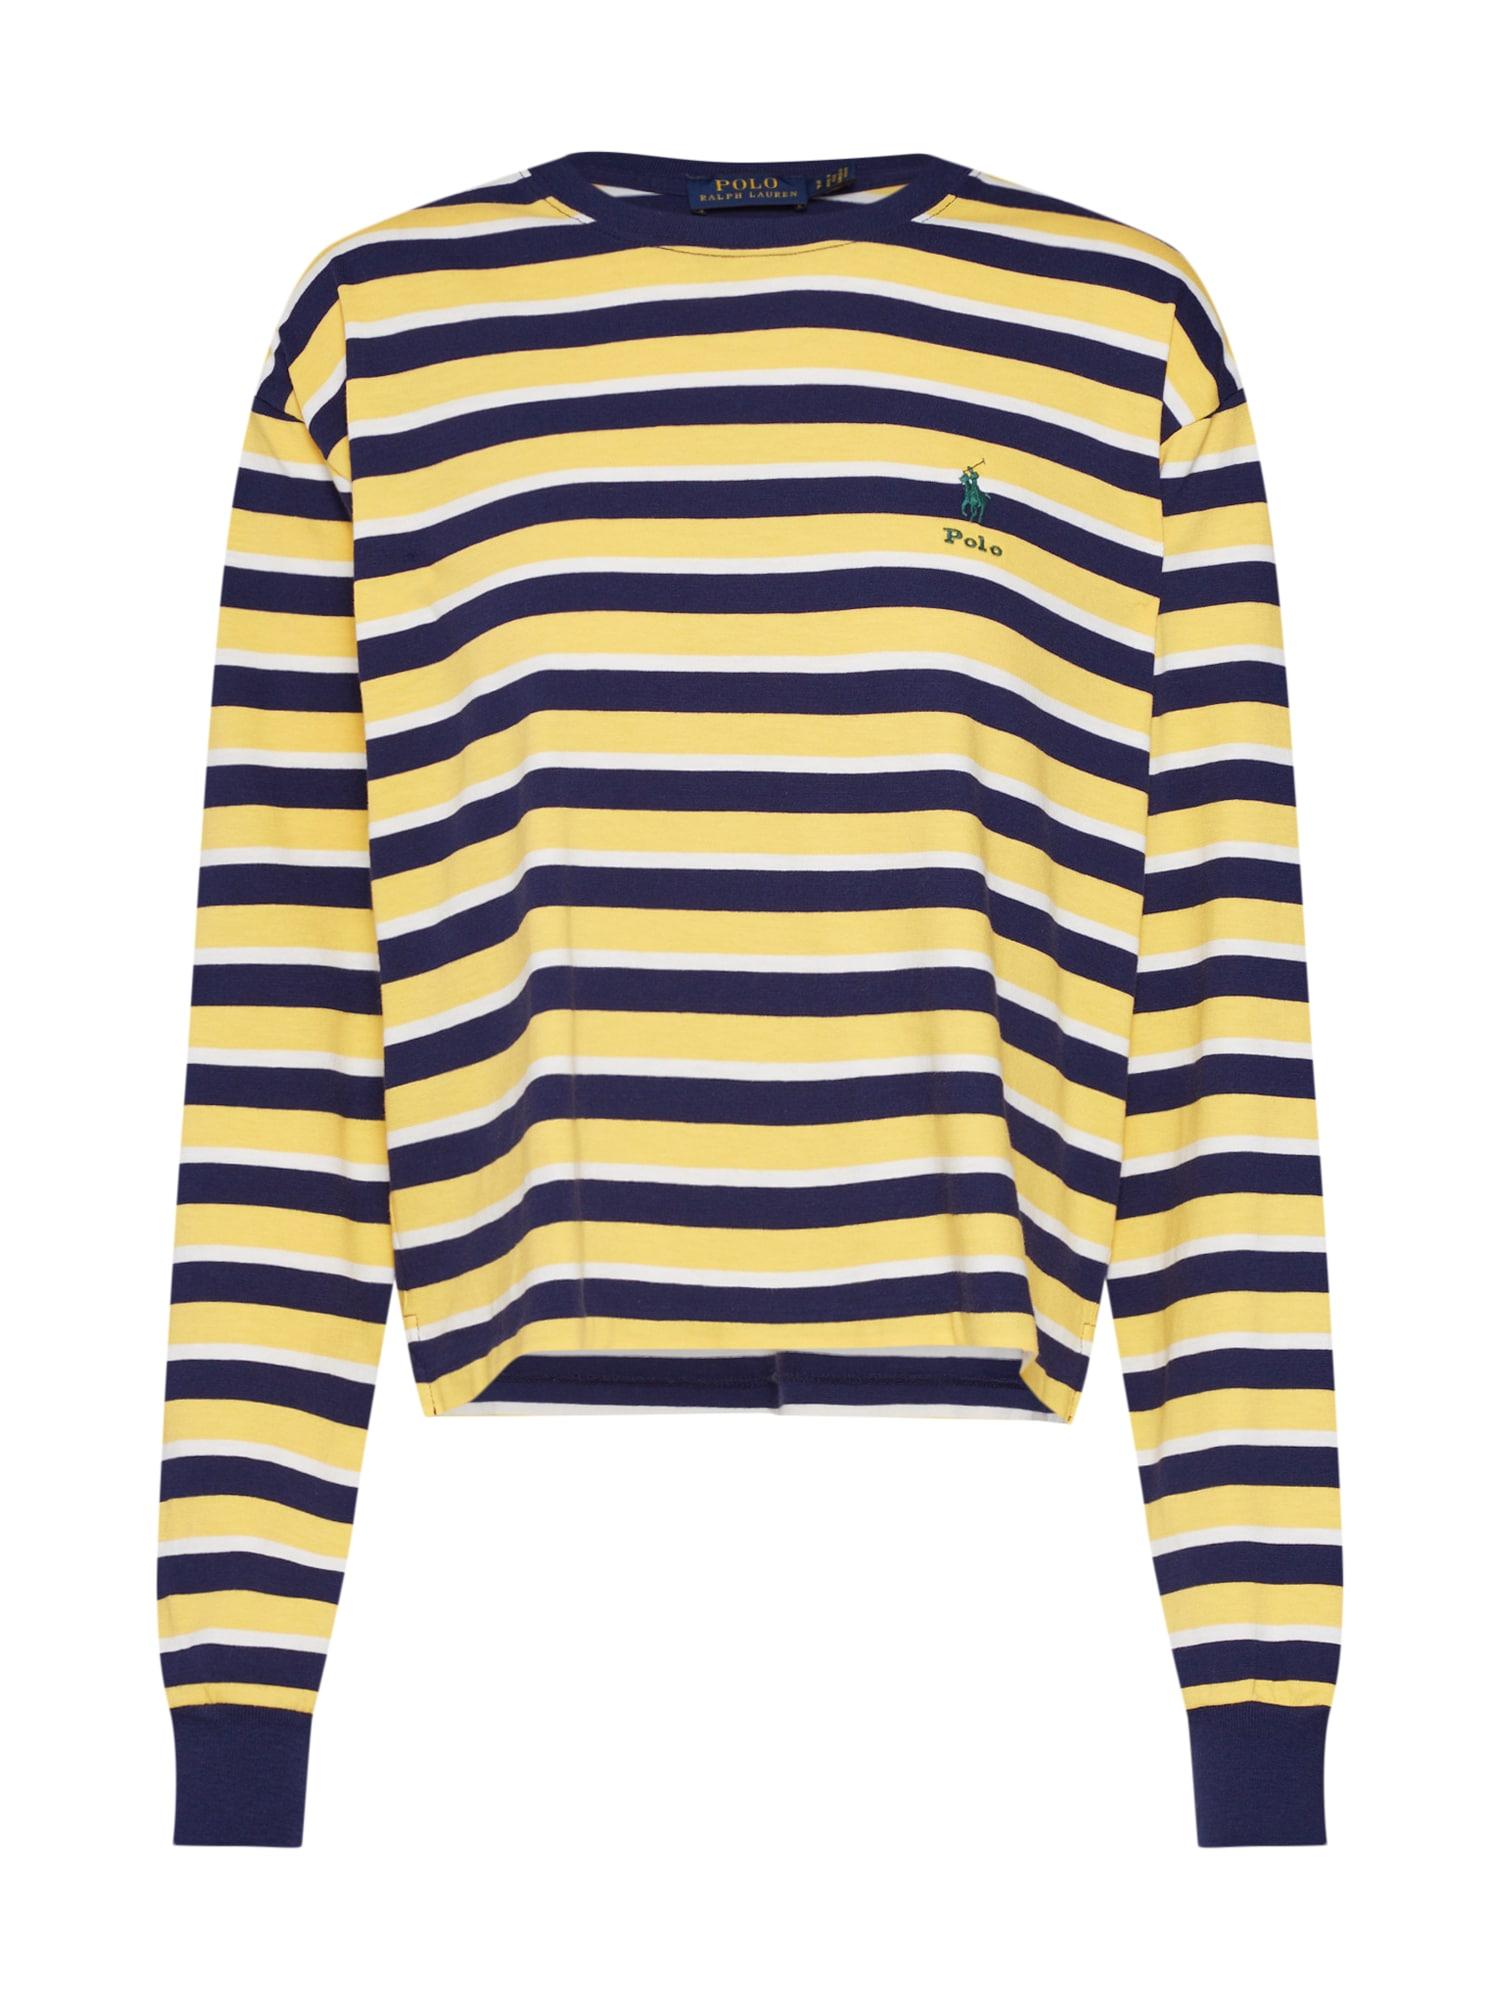 Tričko námořnická modř žlutá POLO RALPH LAUREN